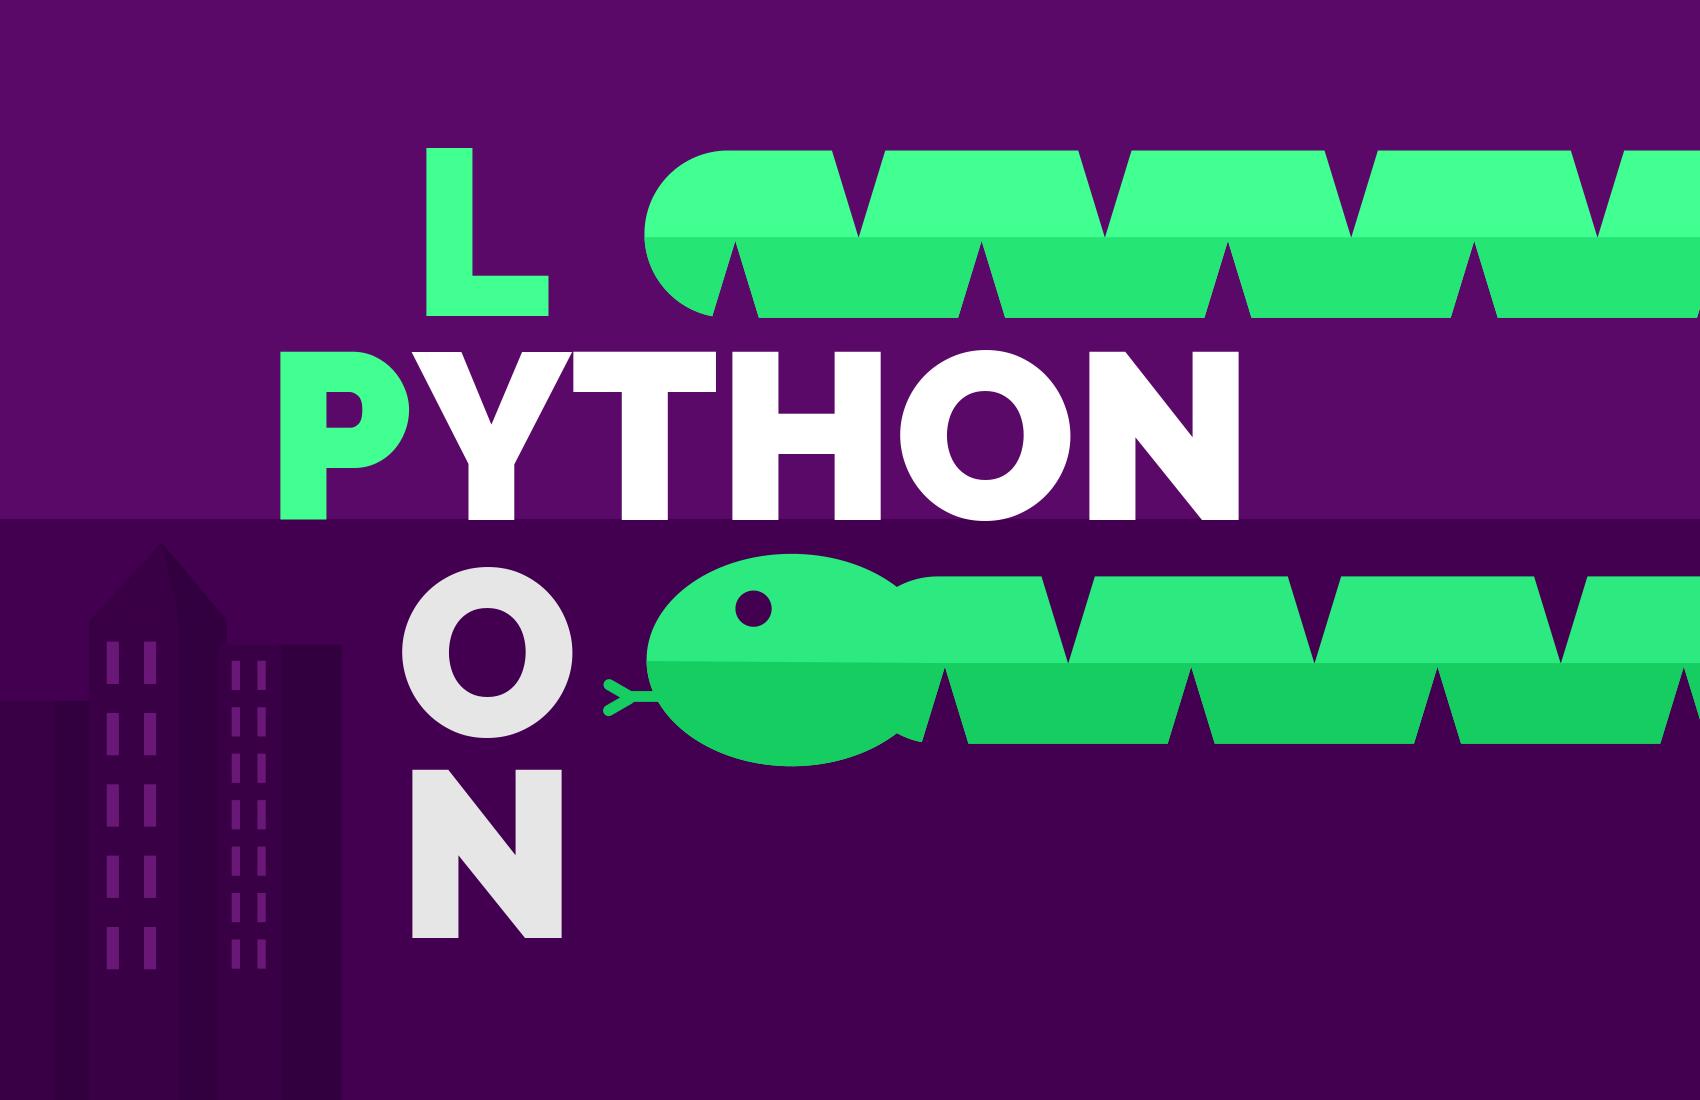 Python AFPY - Lyon